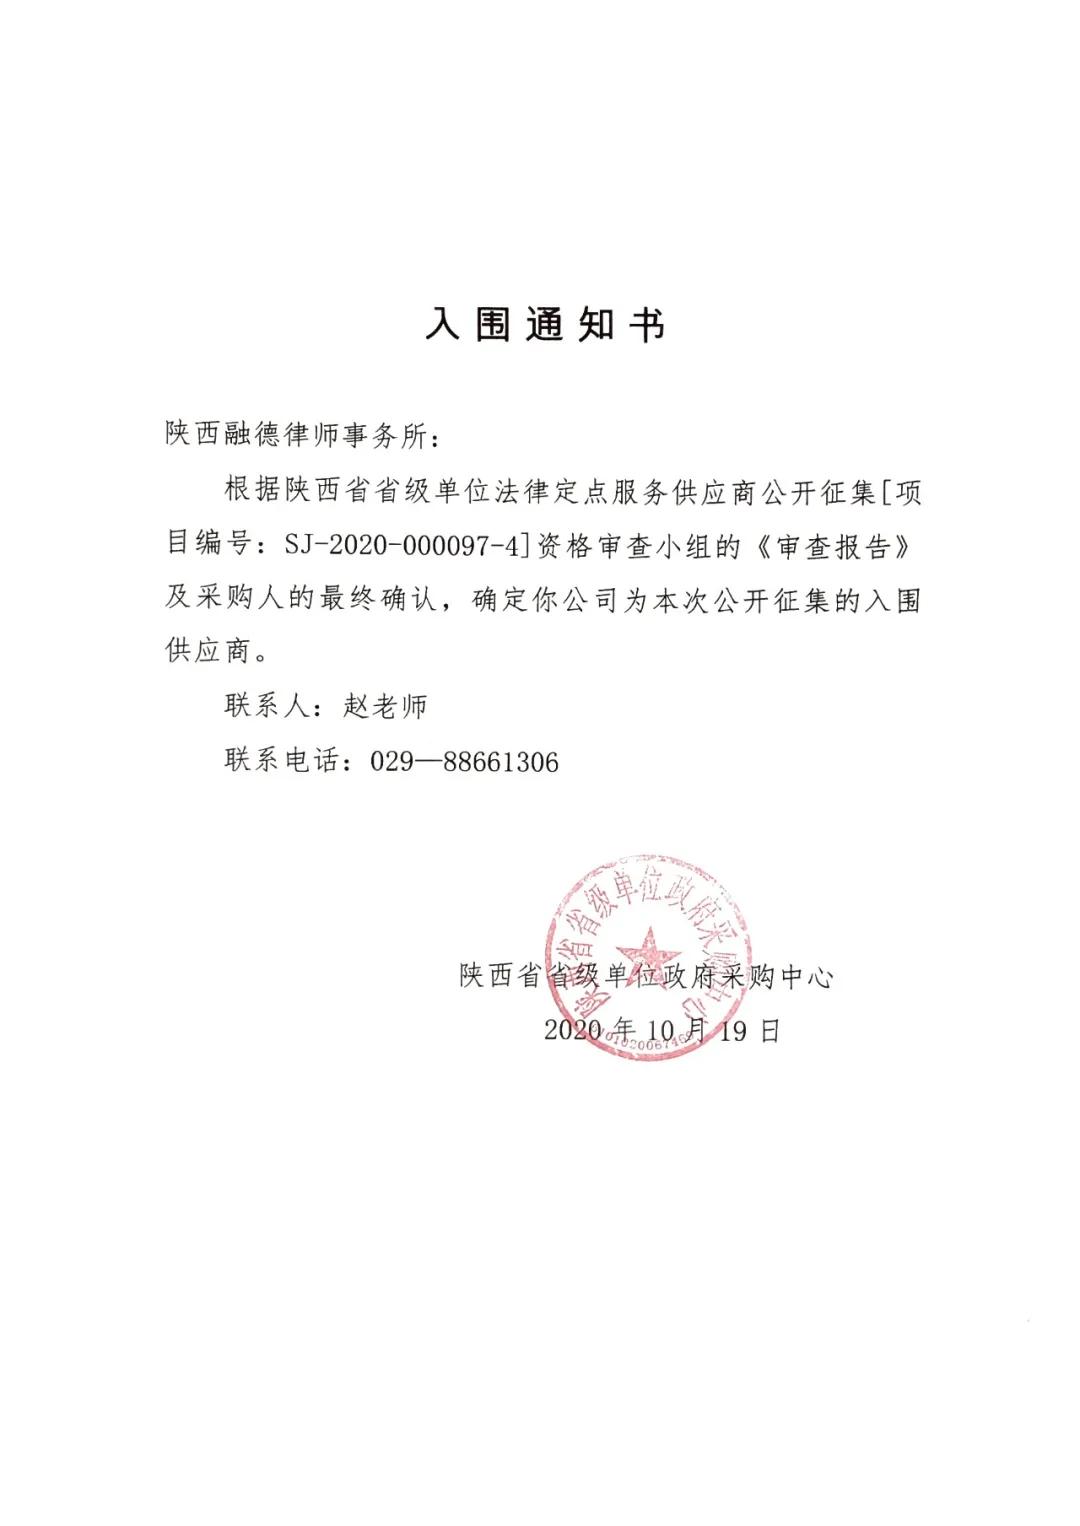 融德律师事务所连续三年入围陕西省省级单位法律定点服务供应商